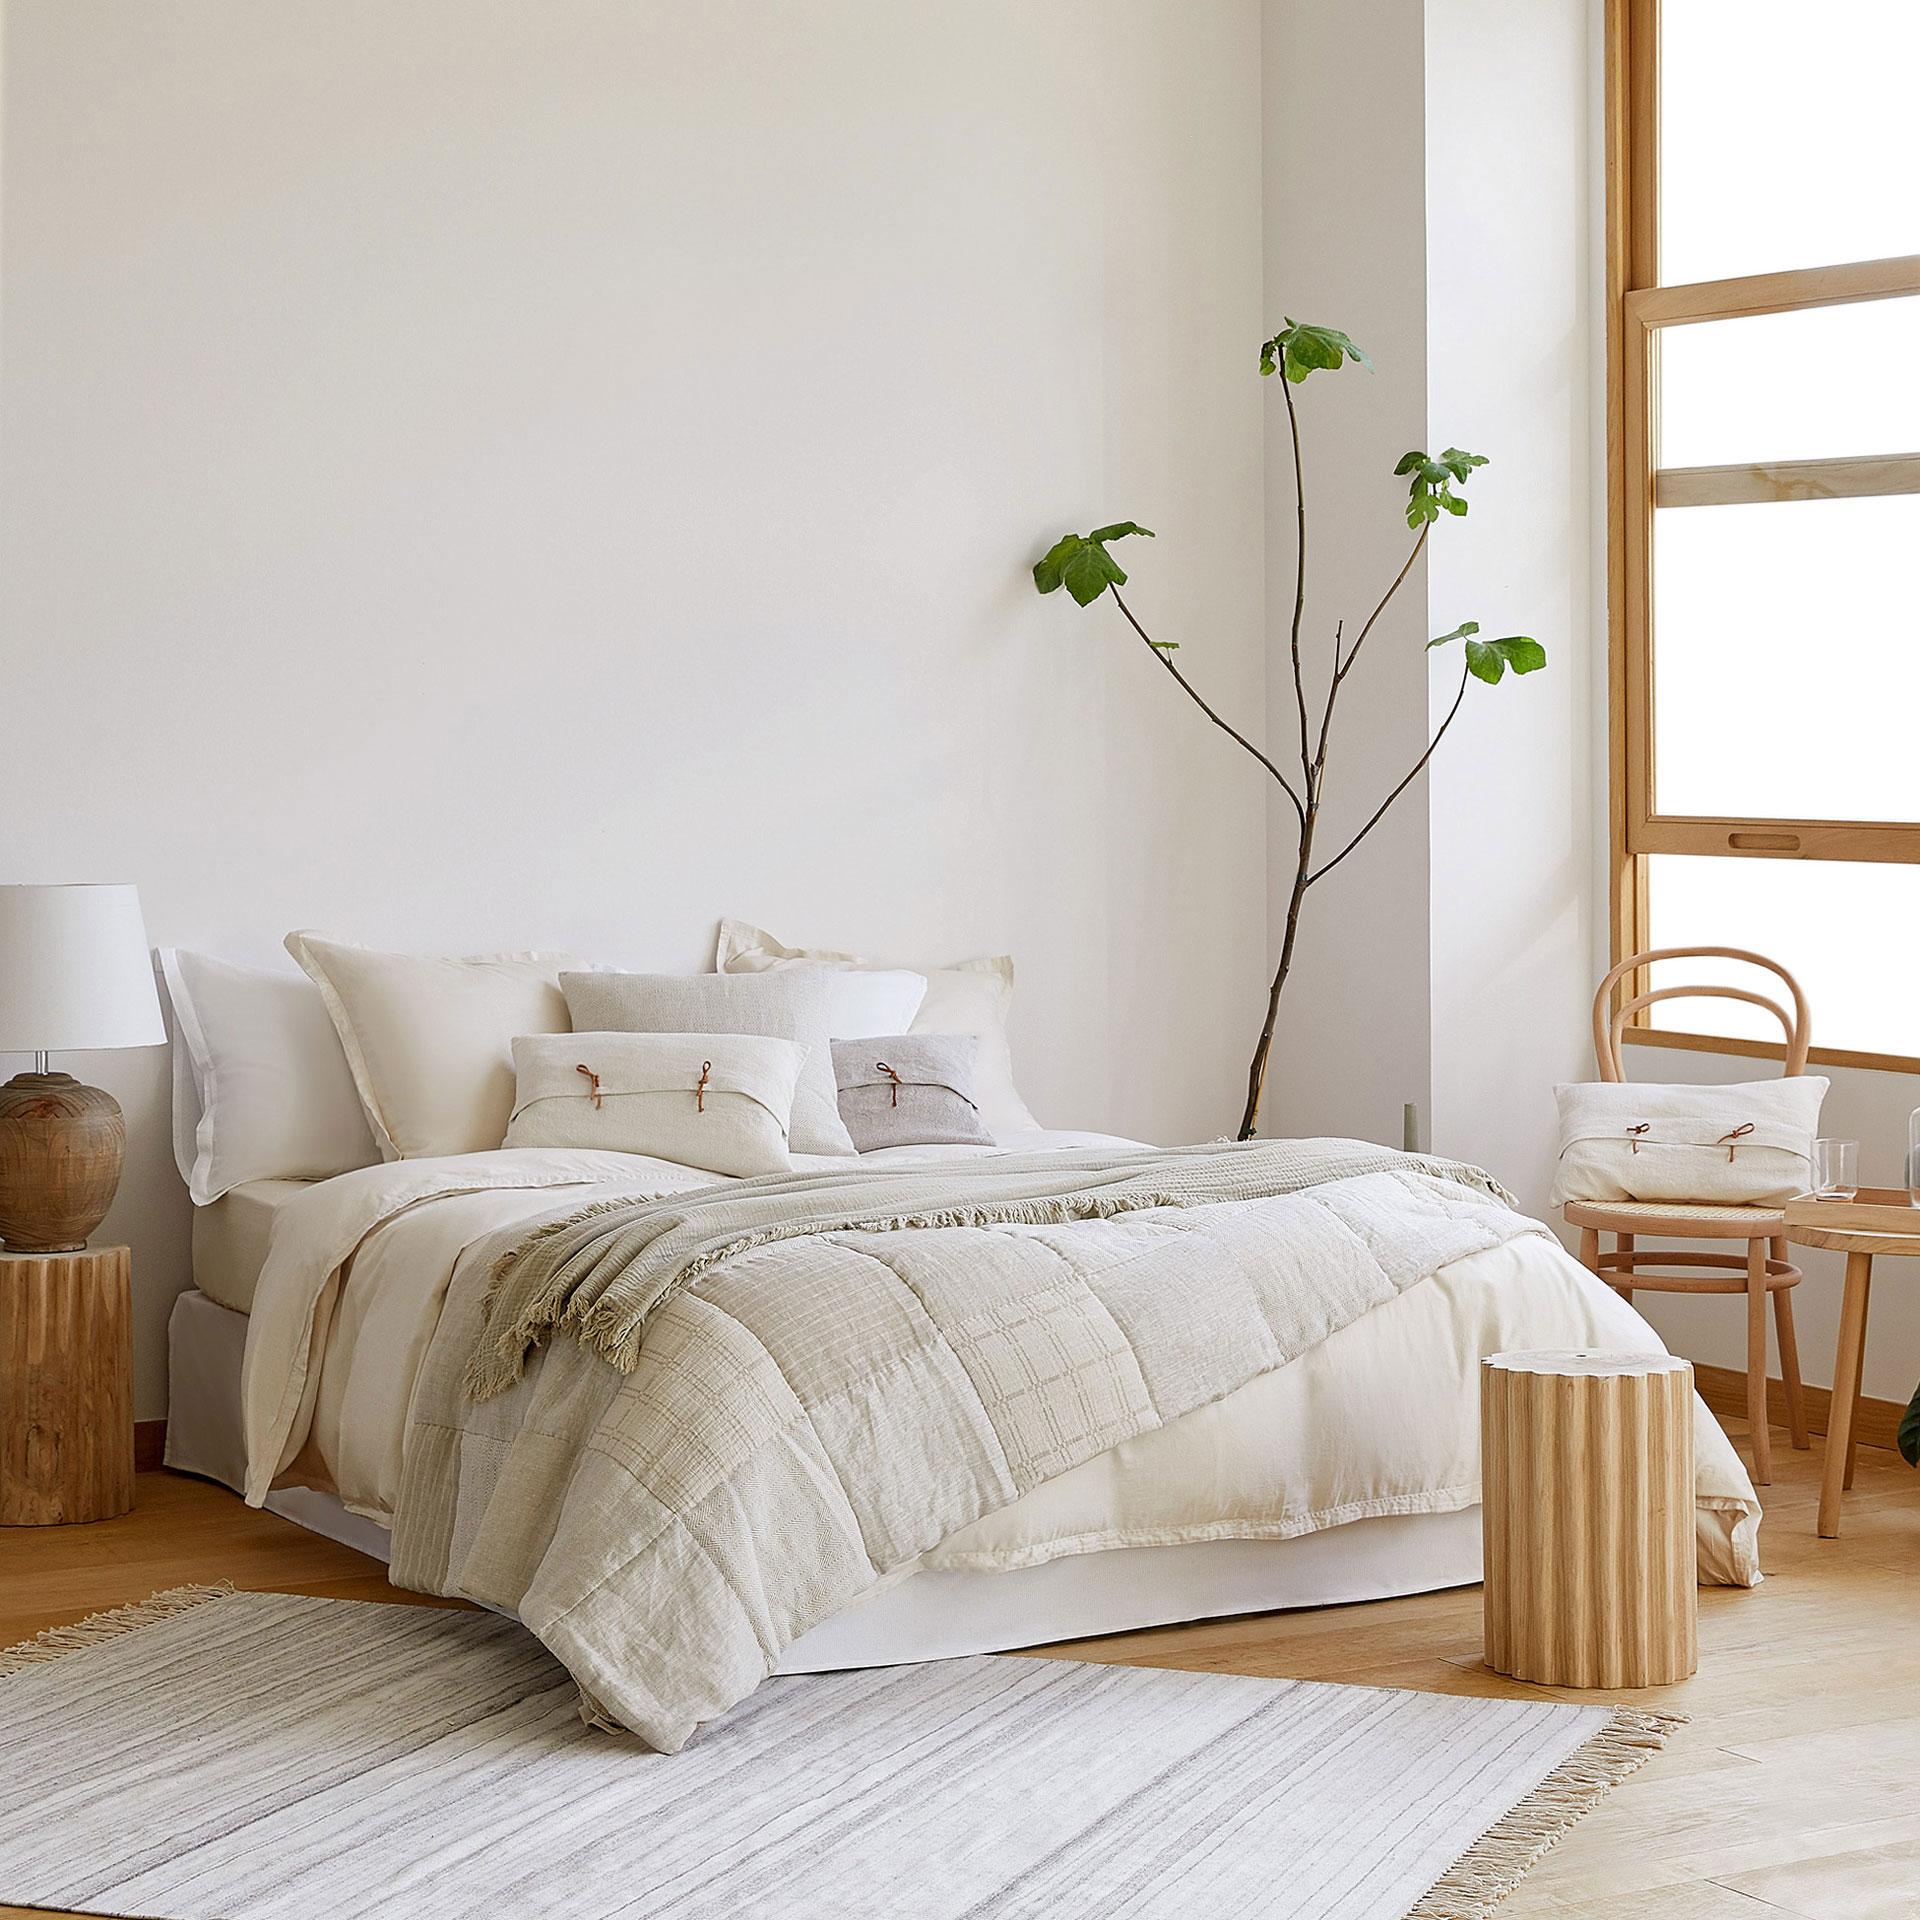 Dormitorio En Blanco Y Crudos De Zara Home